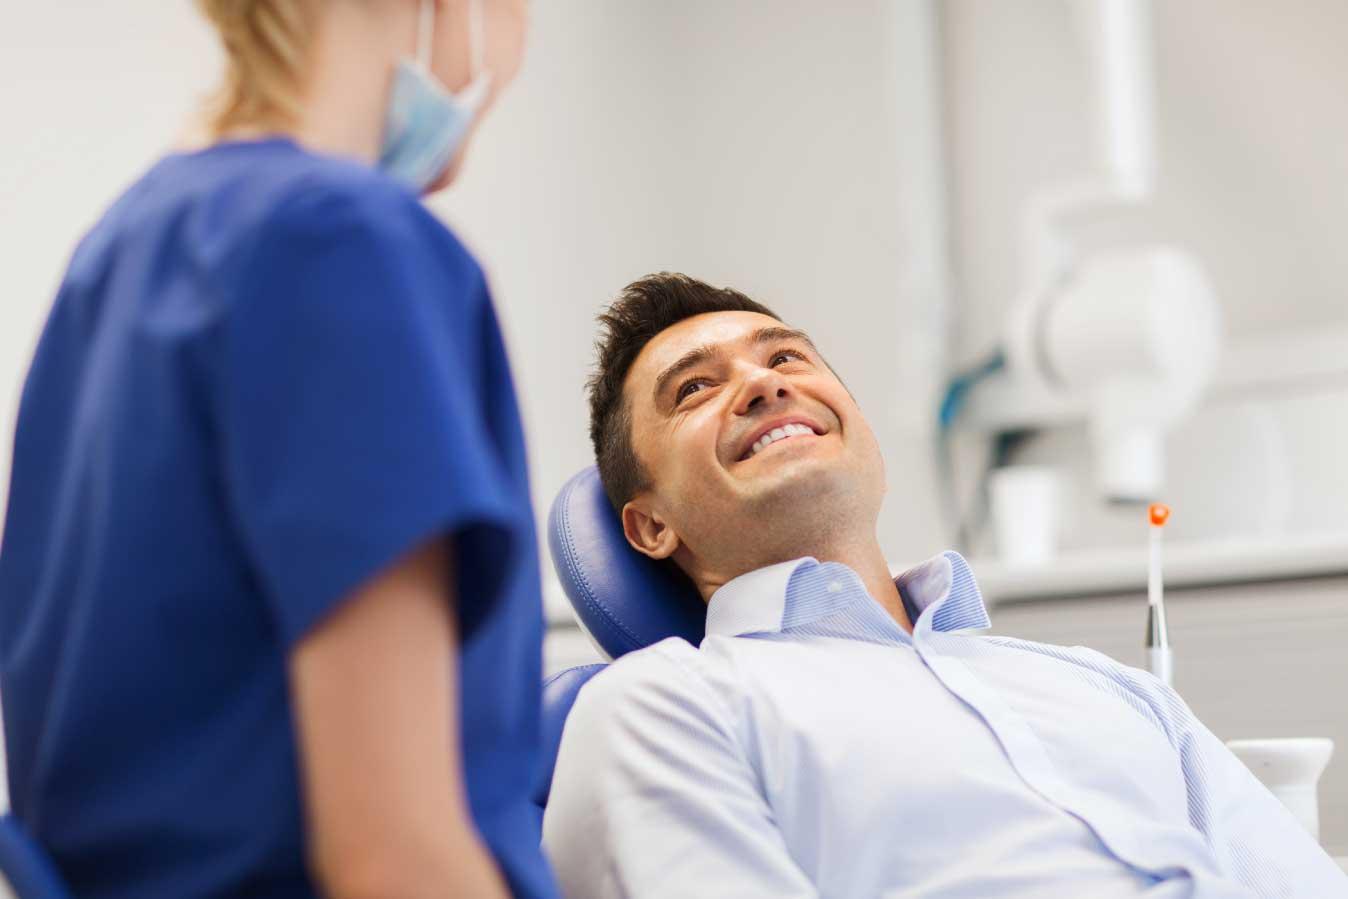 ho paura del dentista